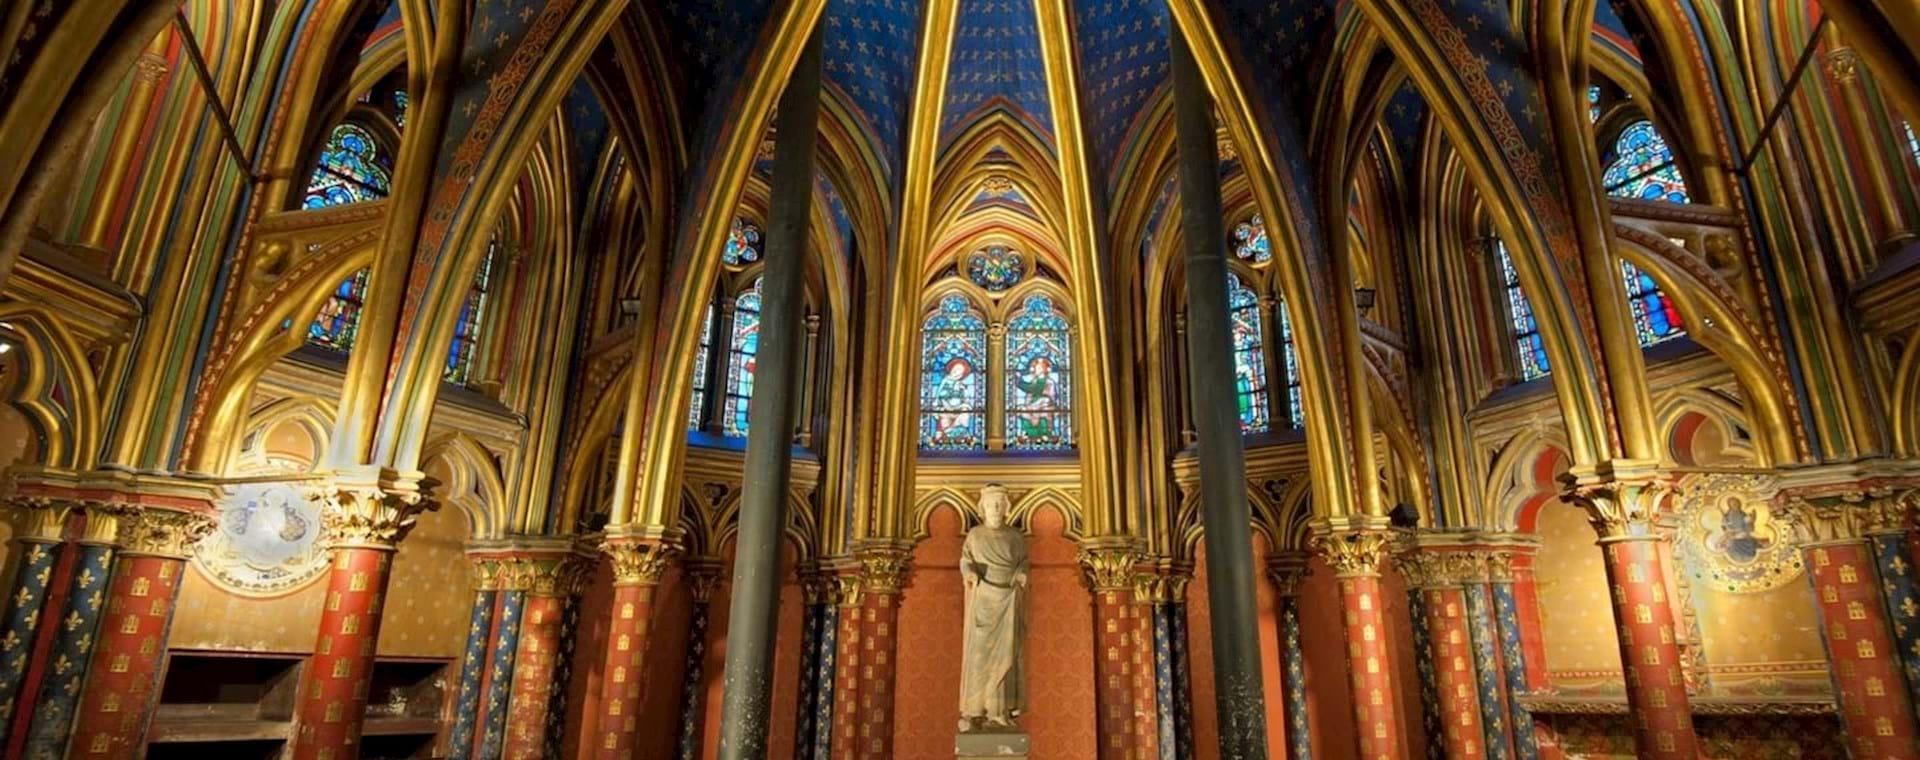 Notre Dame Island with Sainte Chapelle & Historic Medieval Paris Walking Tour